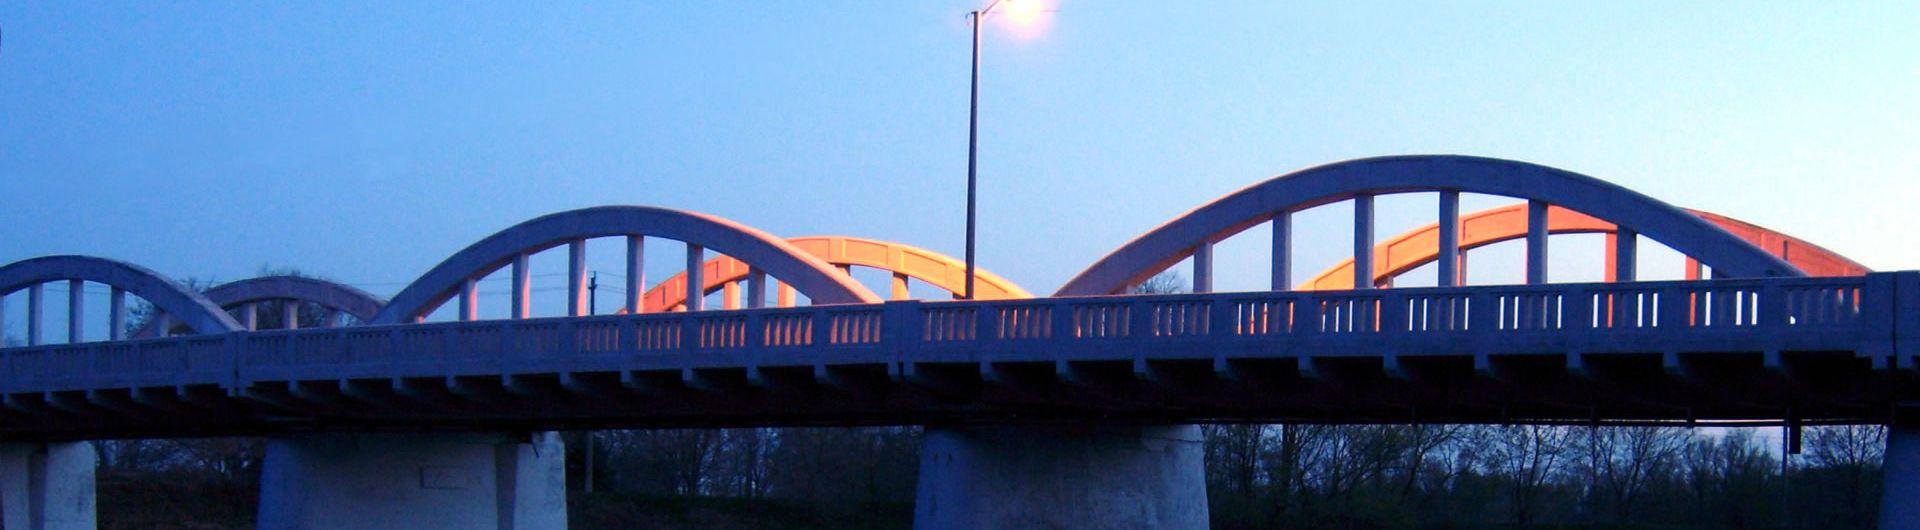 Grand River Bridge